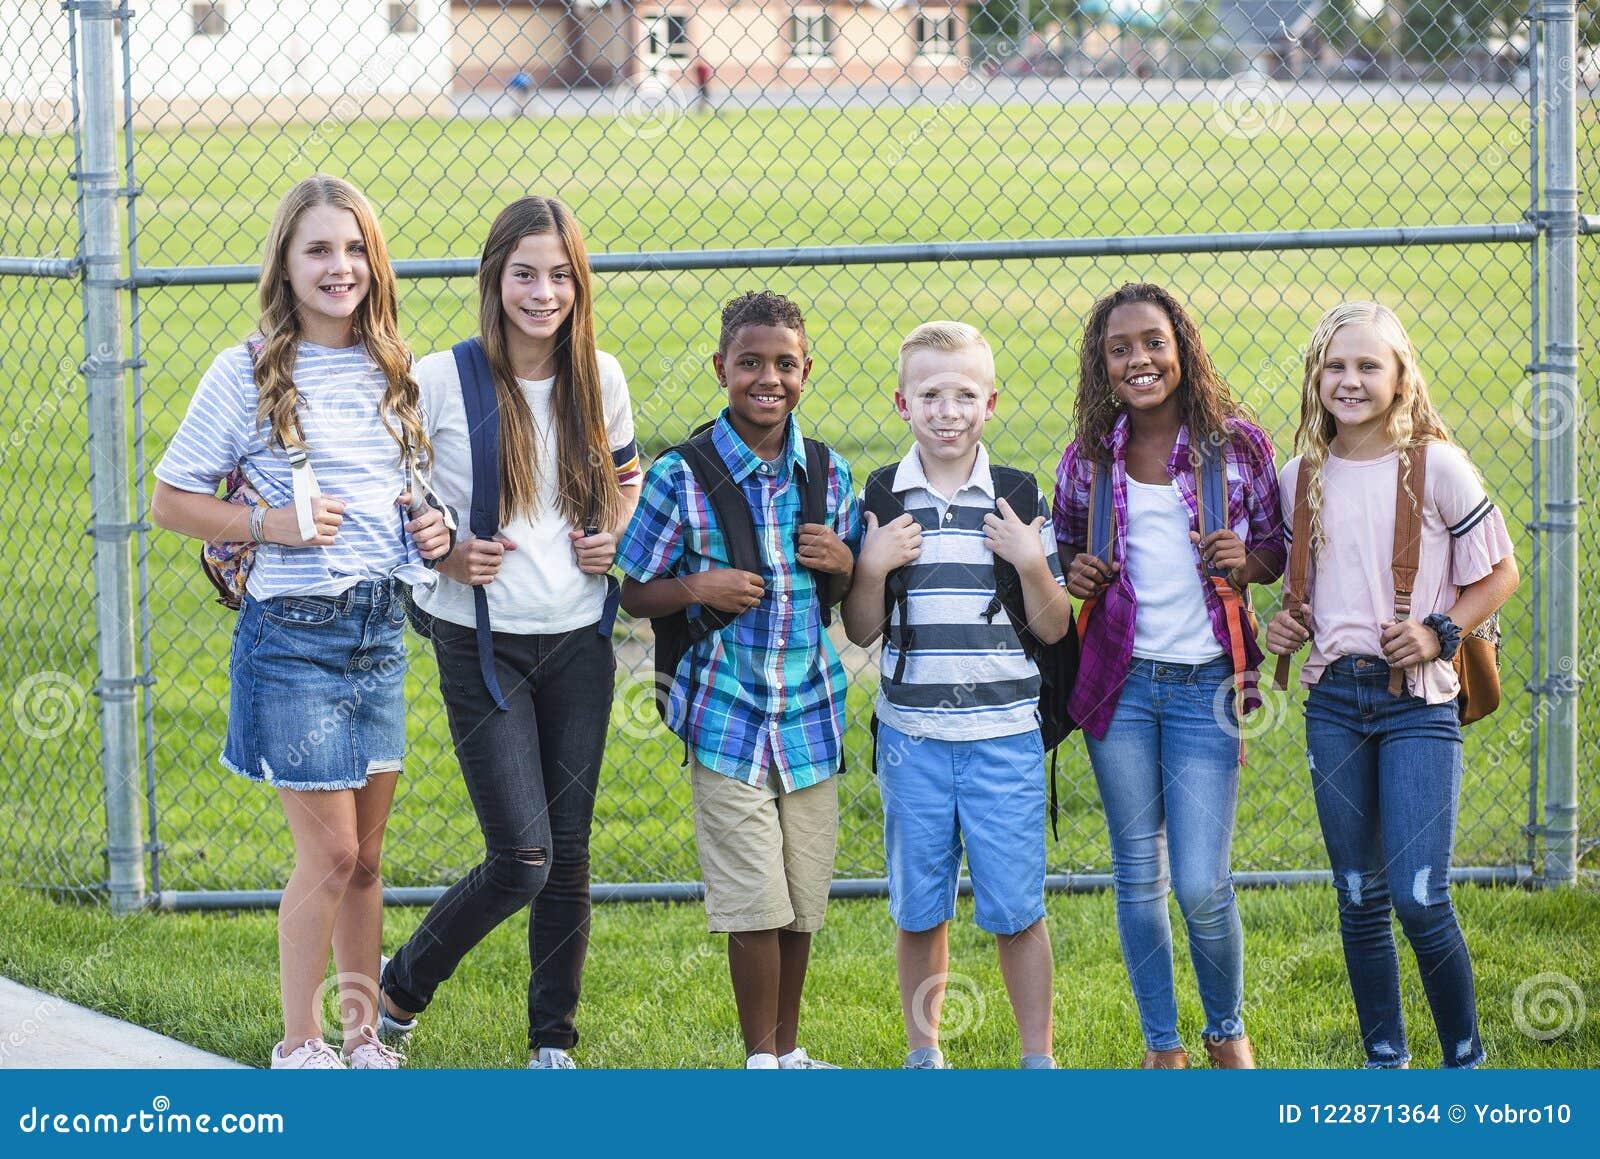 Gruppe der Schule scherzt das Lächeln bei der Stellung in einem Volksschulespielplatz